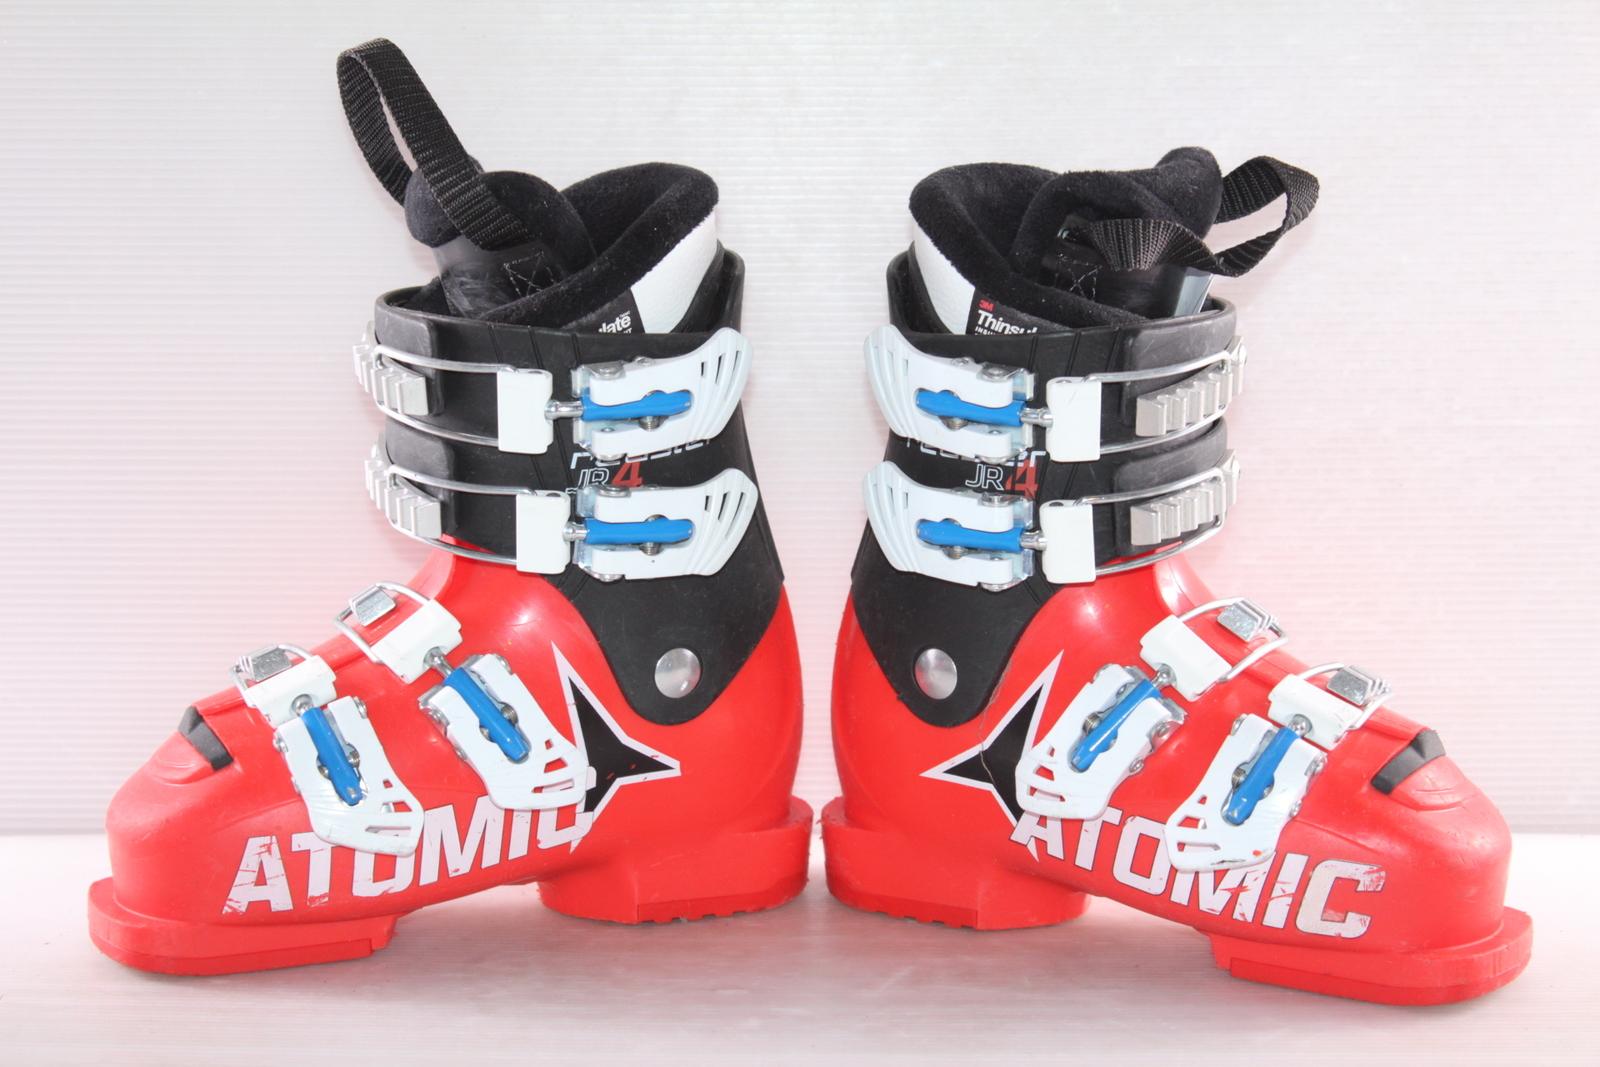 Dětské lyžáky Atomic Redster JR 4 vel. EU30.5